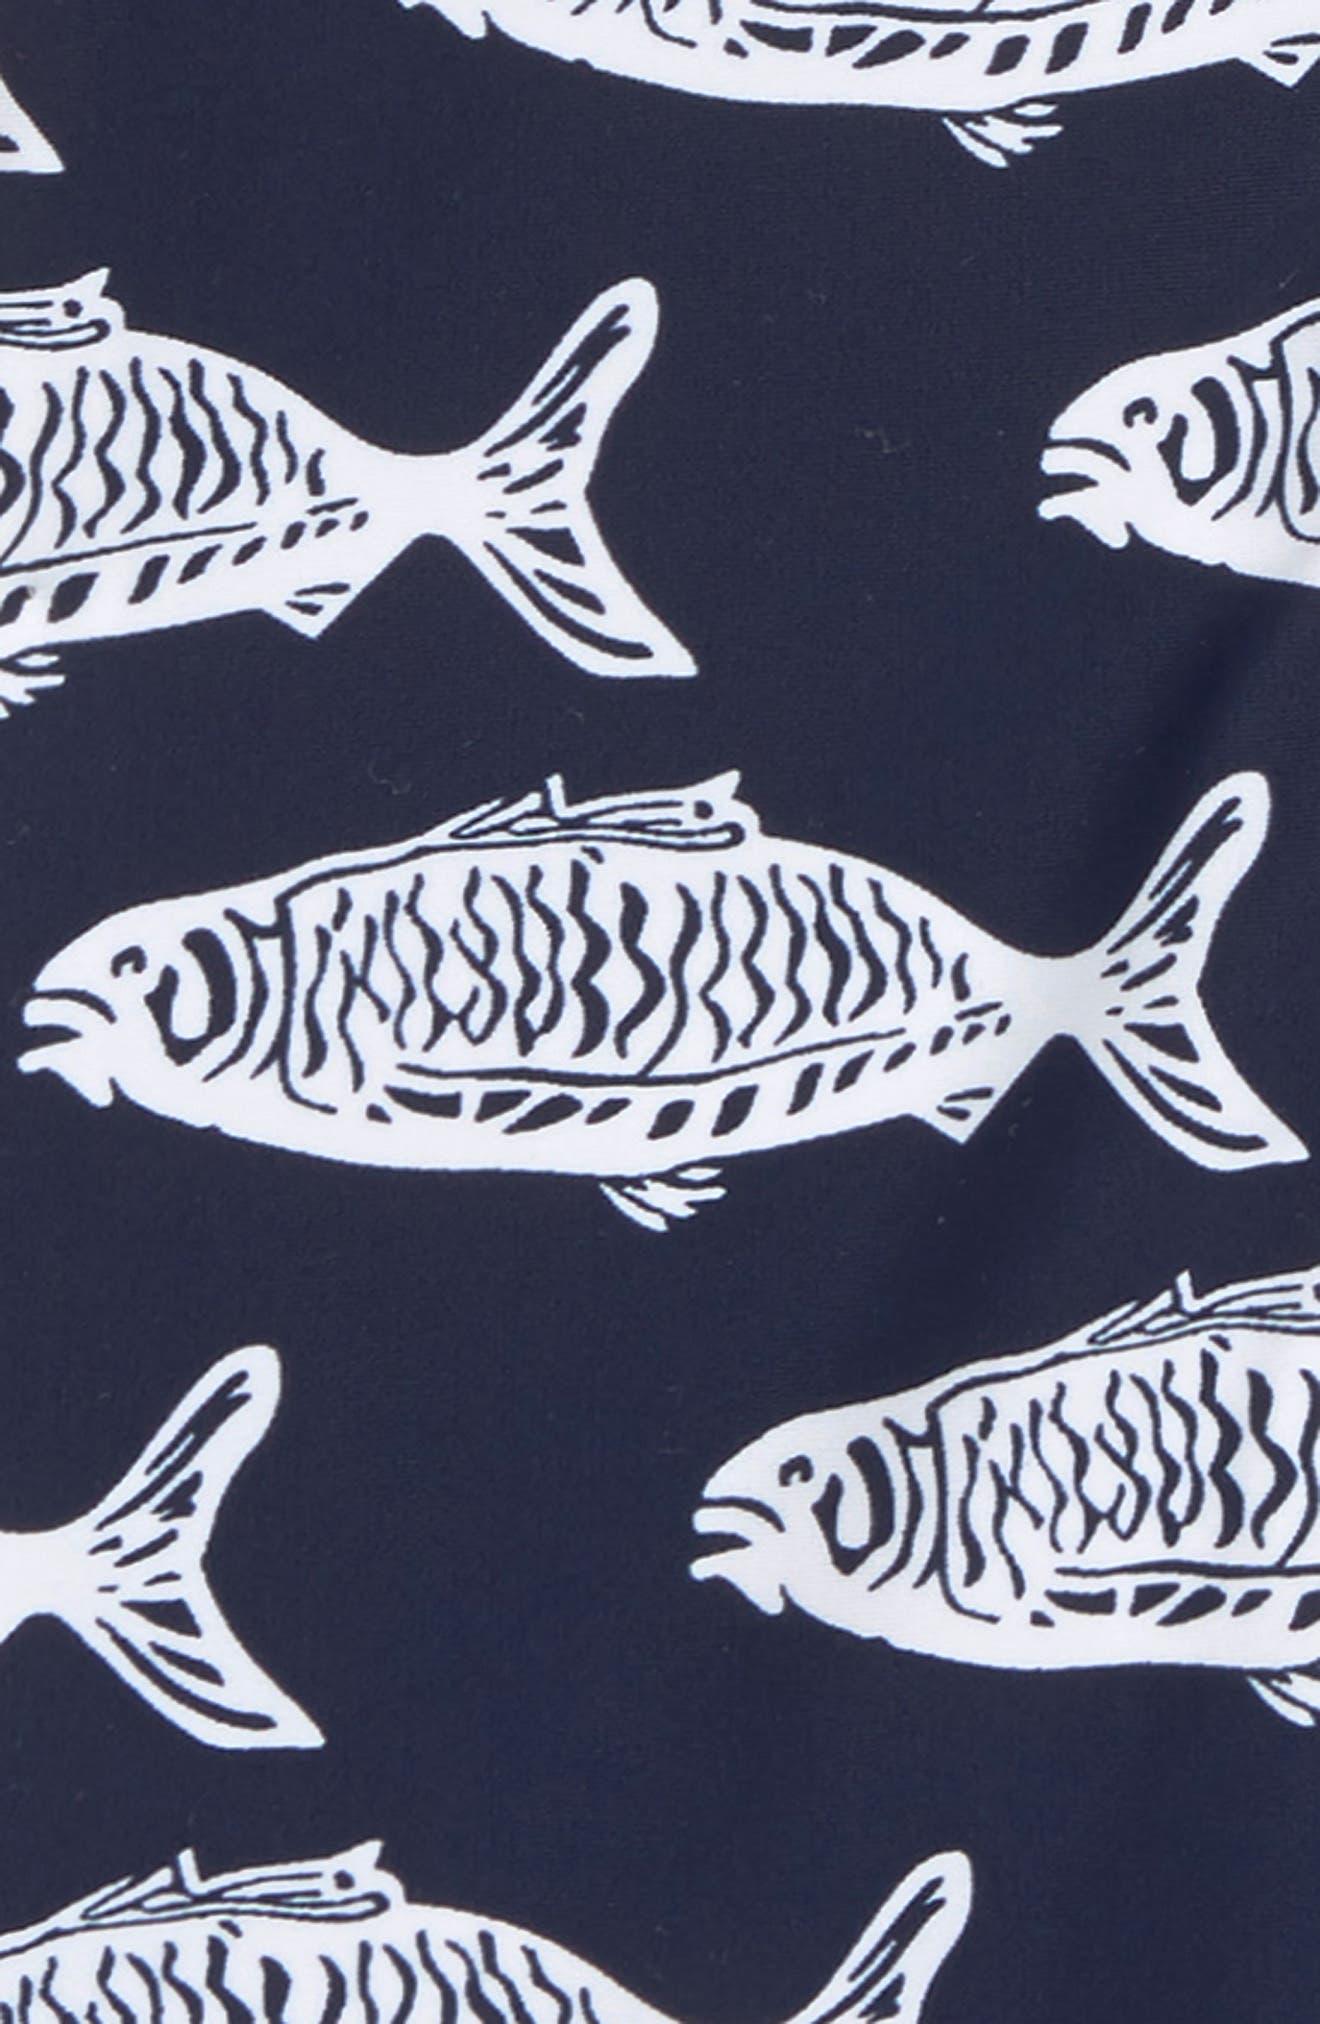 Hampton Fish One-Piece Rashguard Swimsuit,                             Alternate thumbnail 2, color,                             BLUE